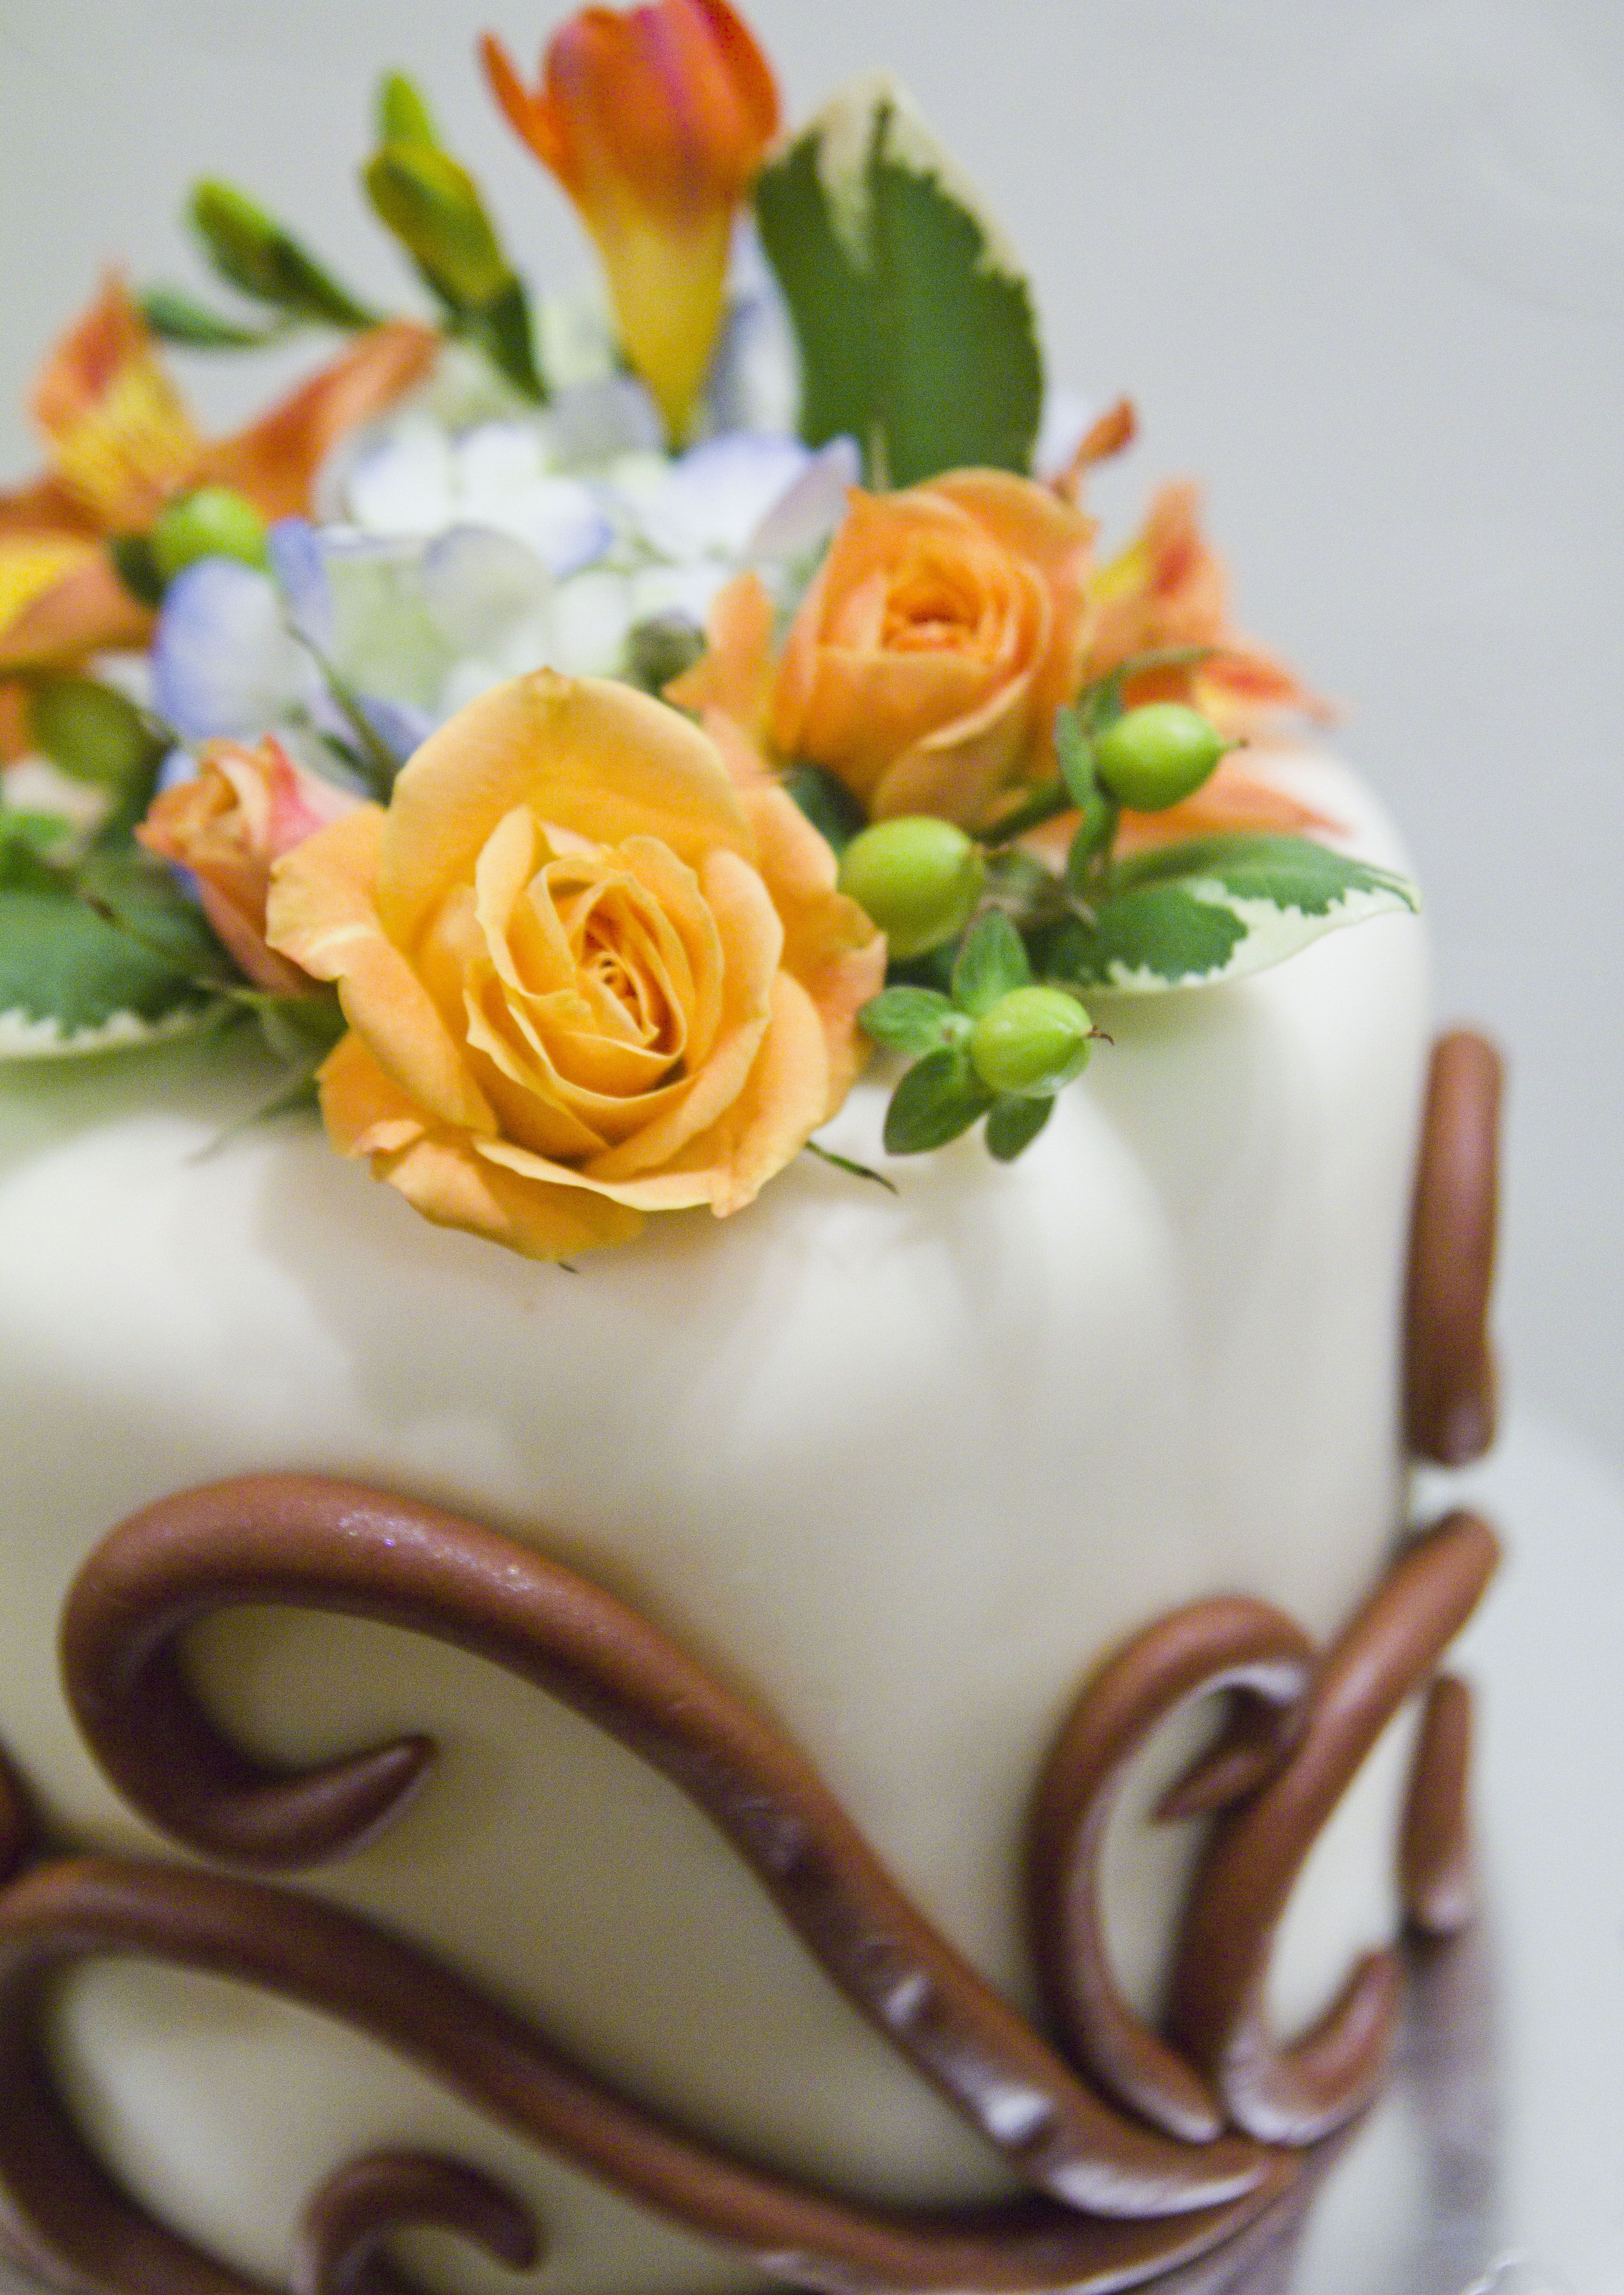 Ry & Geri's Cake Top